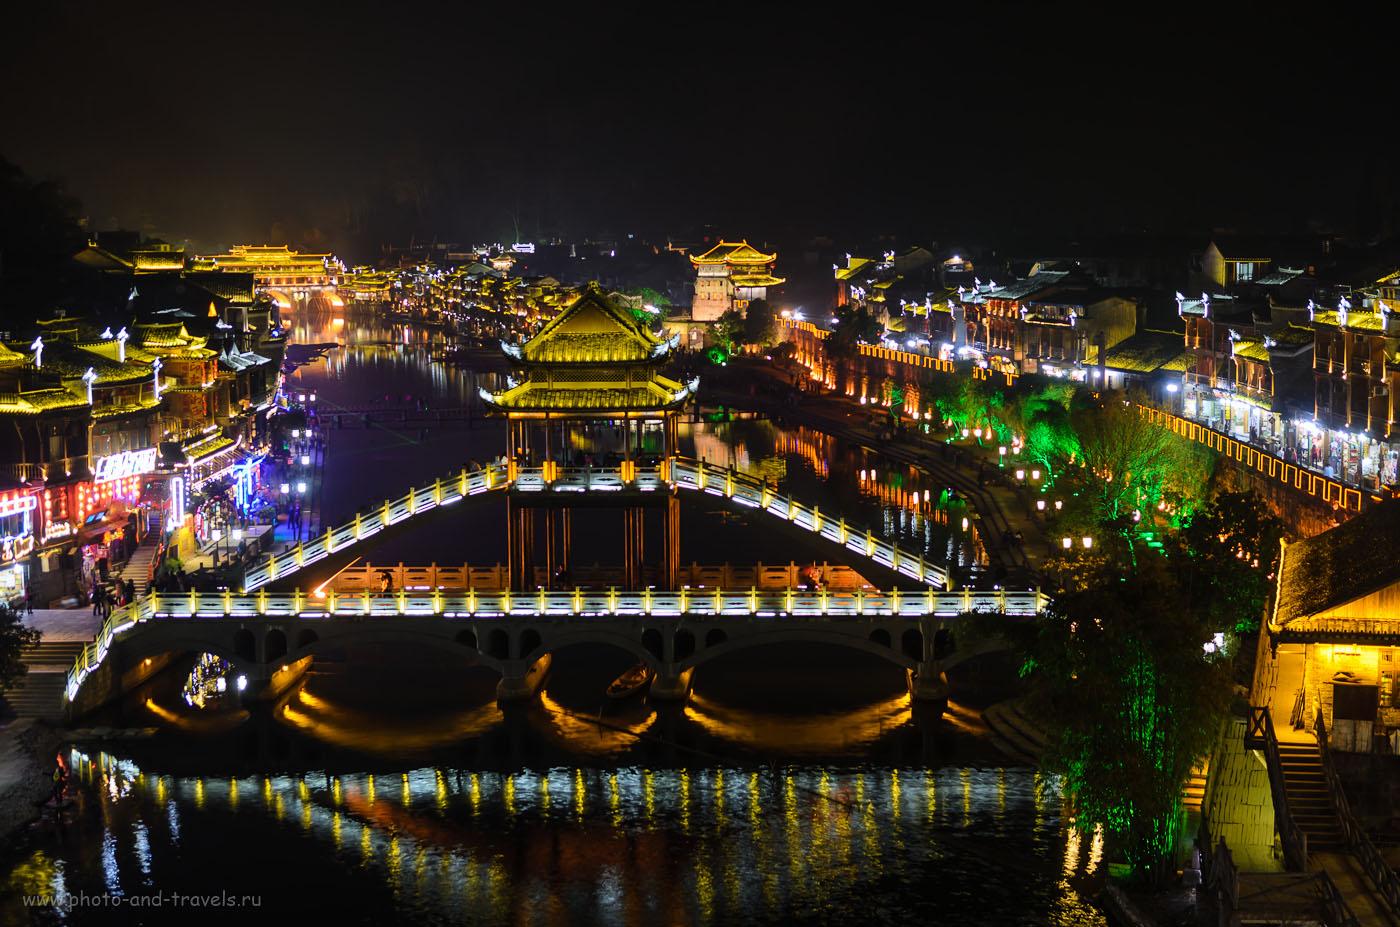 Фотография 26. Пример ночного пейзажа, снятого на Nikon D5100 с объективом Nikon 17-55mm f/2.8. ½, 2.8, 100, 35.